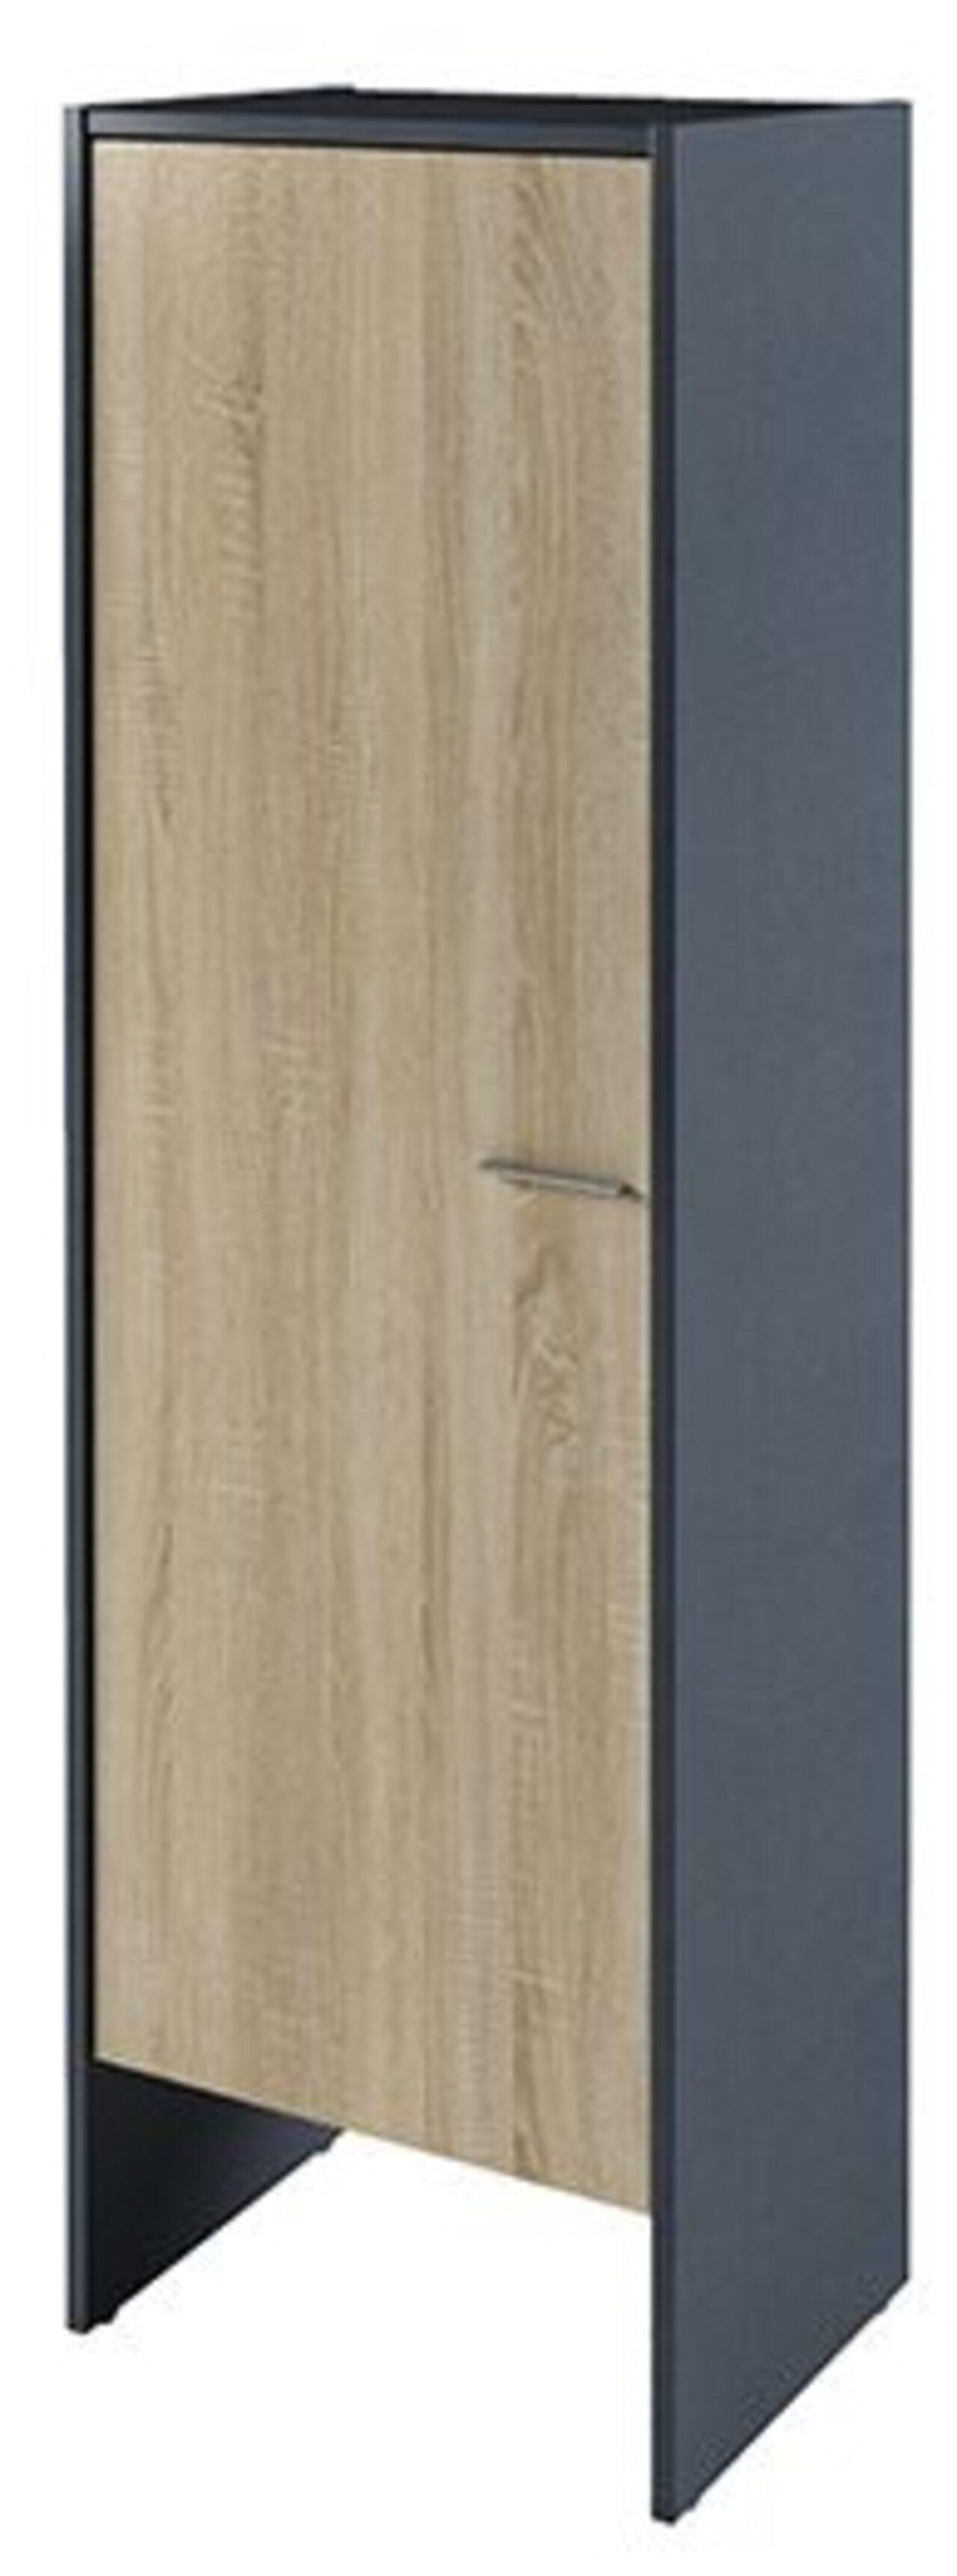 Шкаф для одежды  Инновация 60x44x194 - фото 1